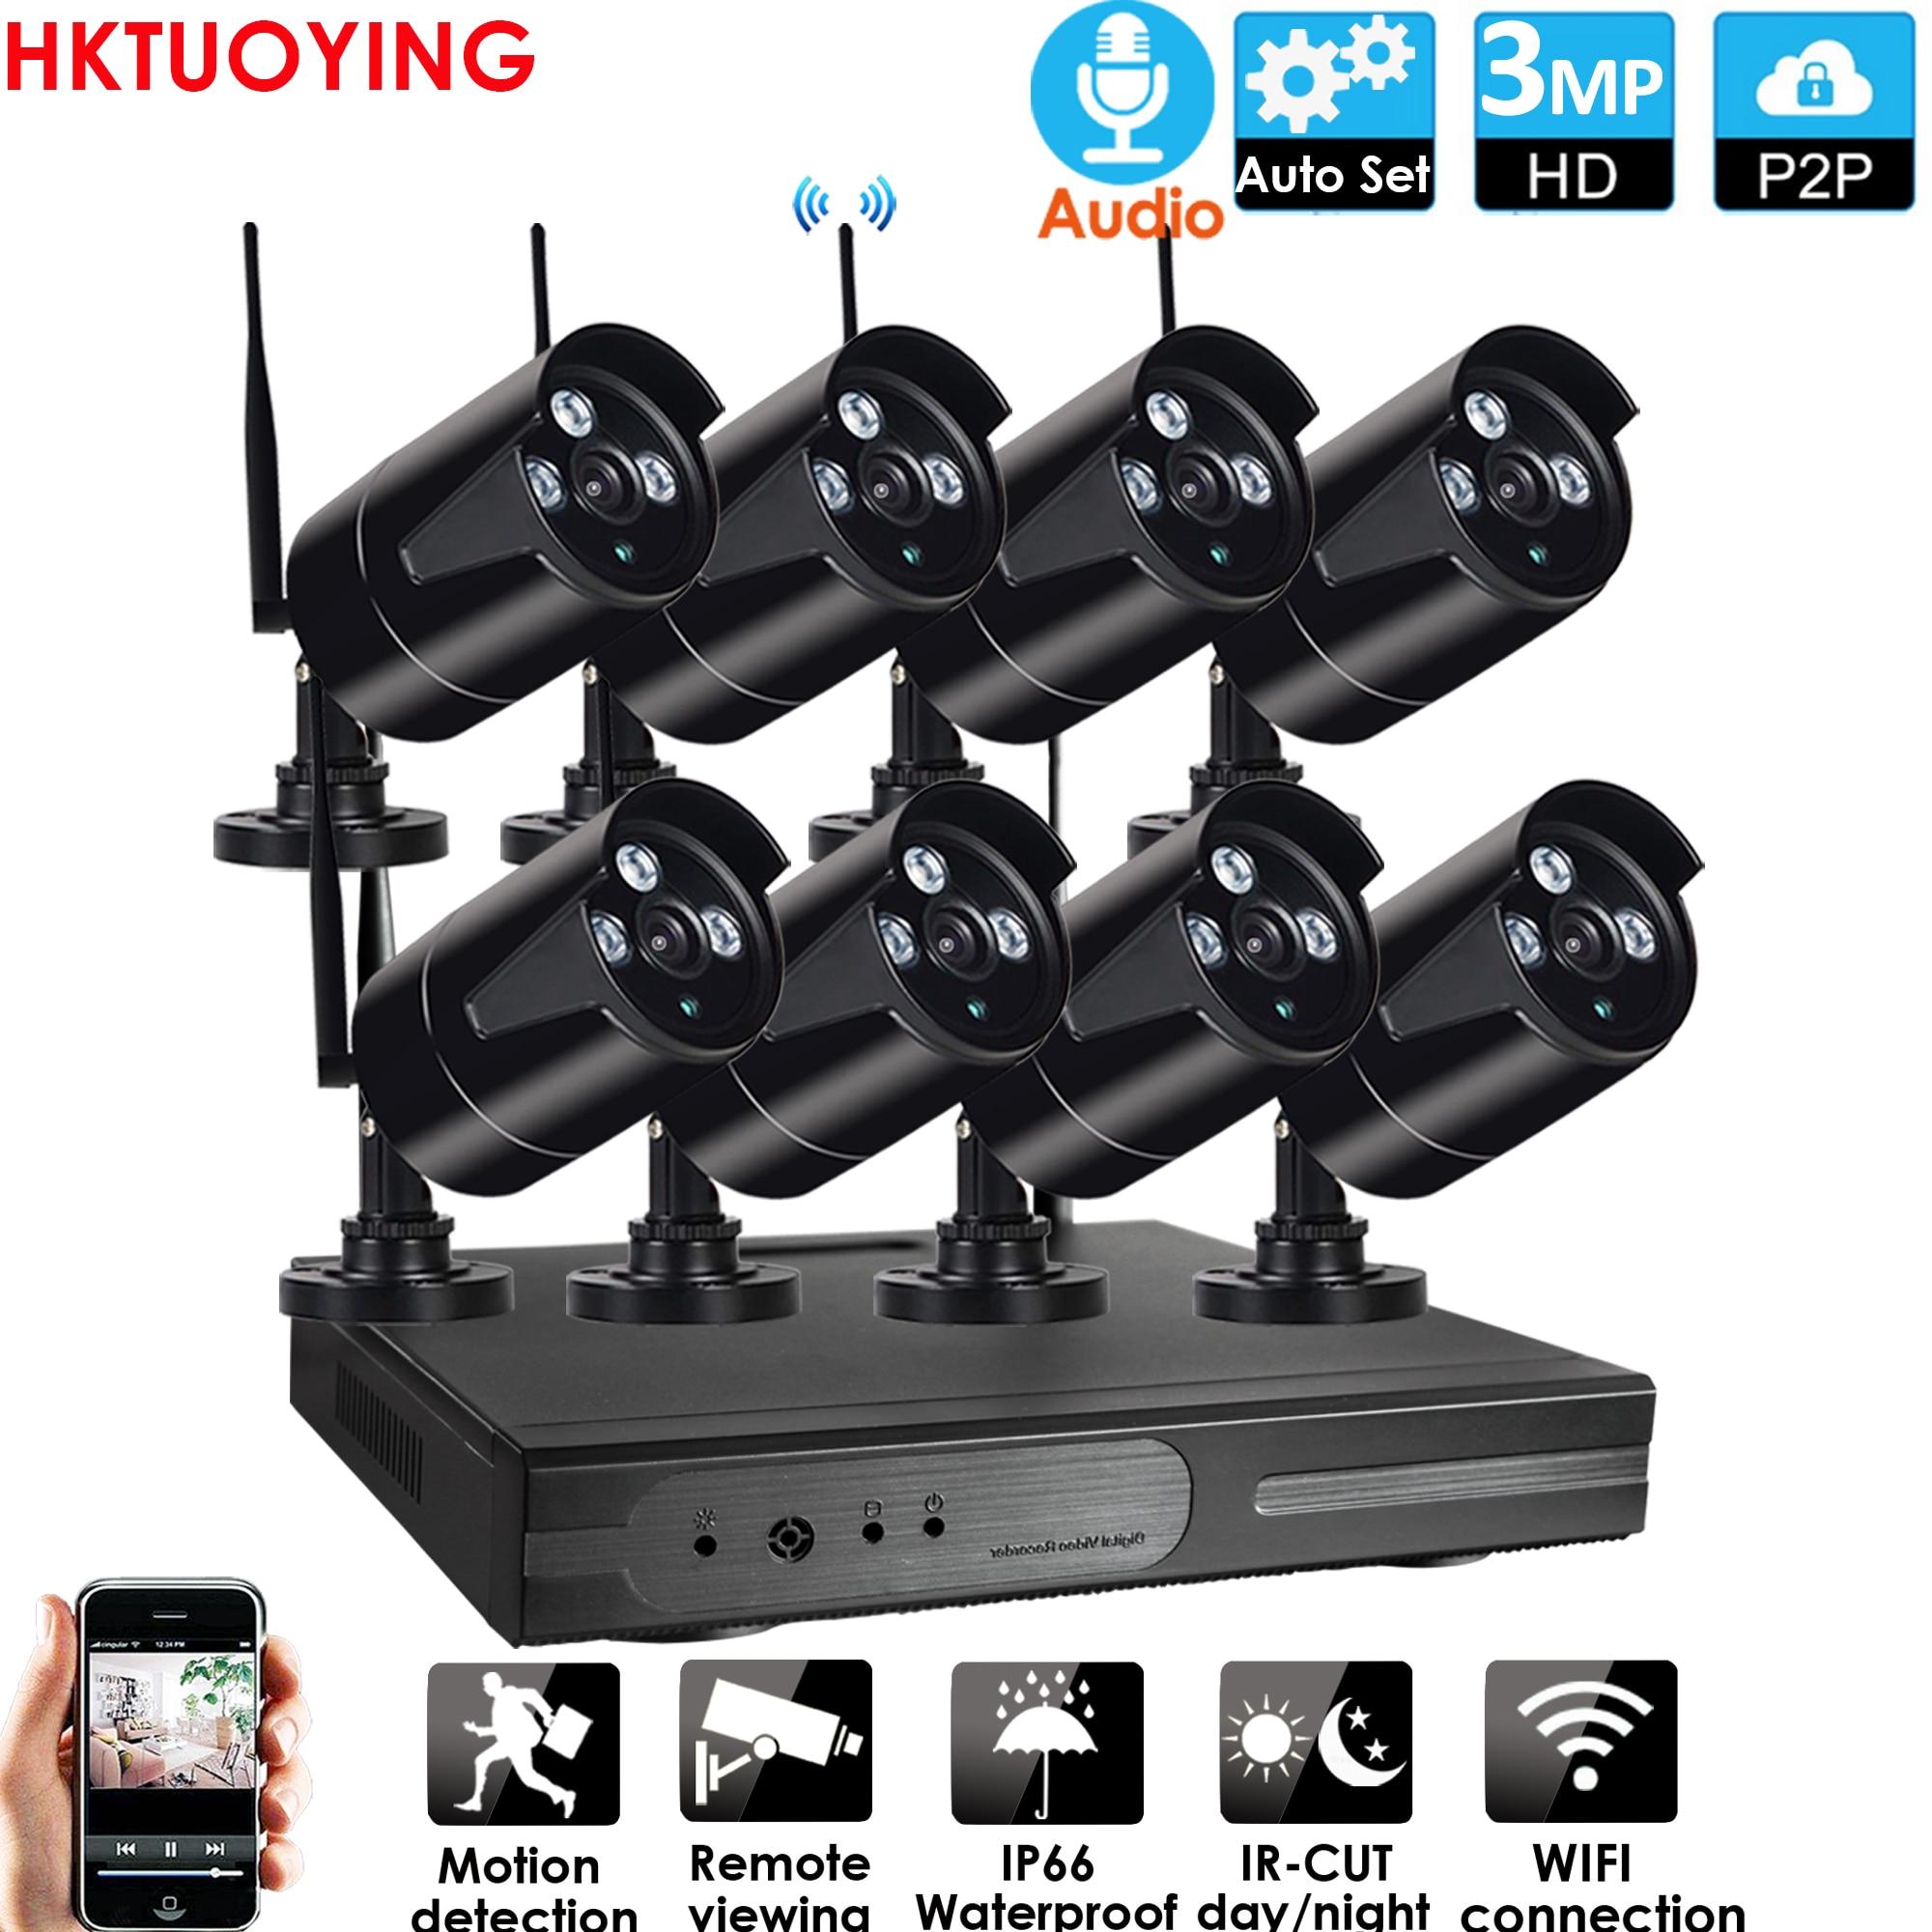 مجموعة صوت لاسلكية عالية الدقة 8CH ، 3MP ، P2P ، 3.0P ، للاستخدام الداخلي والخارجي ، رؤية ليلية بالأشعة تحت الحمراء ، كاميرا IP بدقة 3.0 ميجابكسل ، نظام...